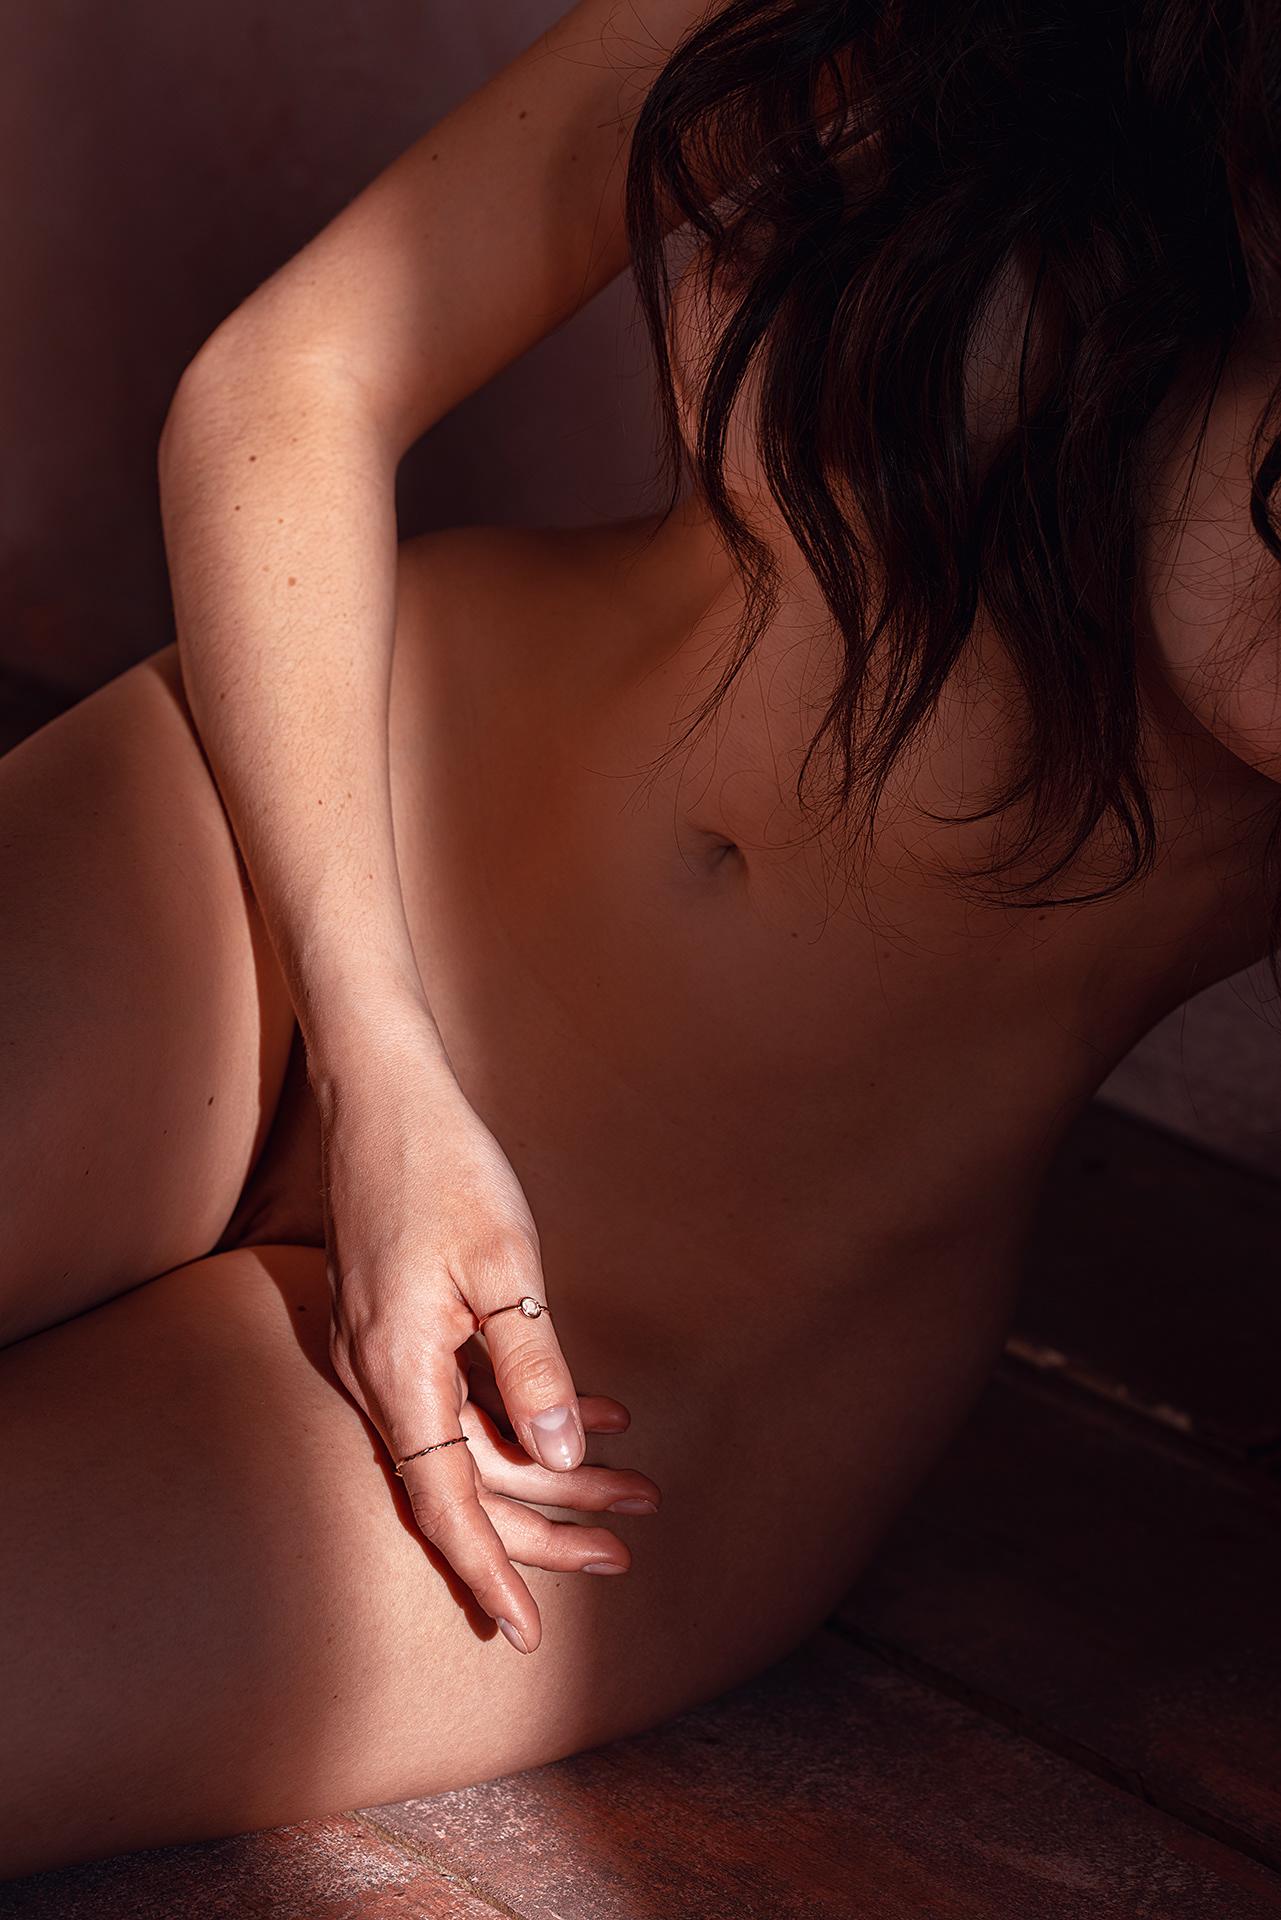 Effulgent / фотограф Артур Каплун